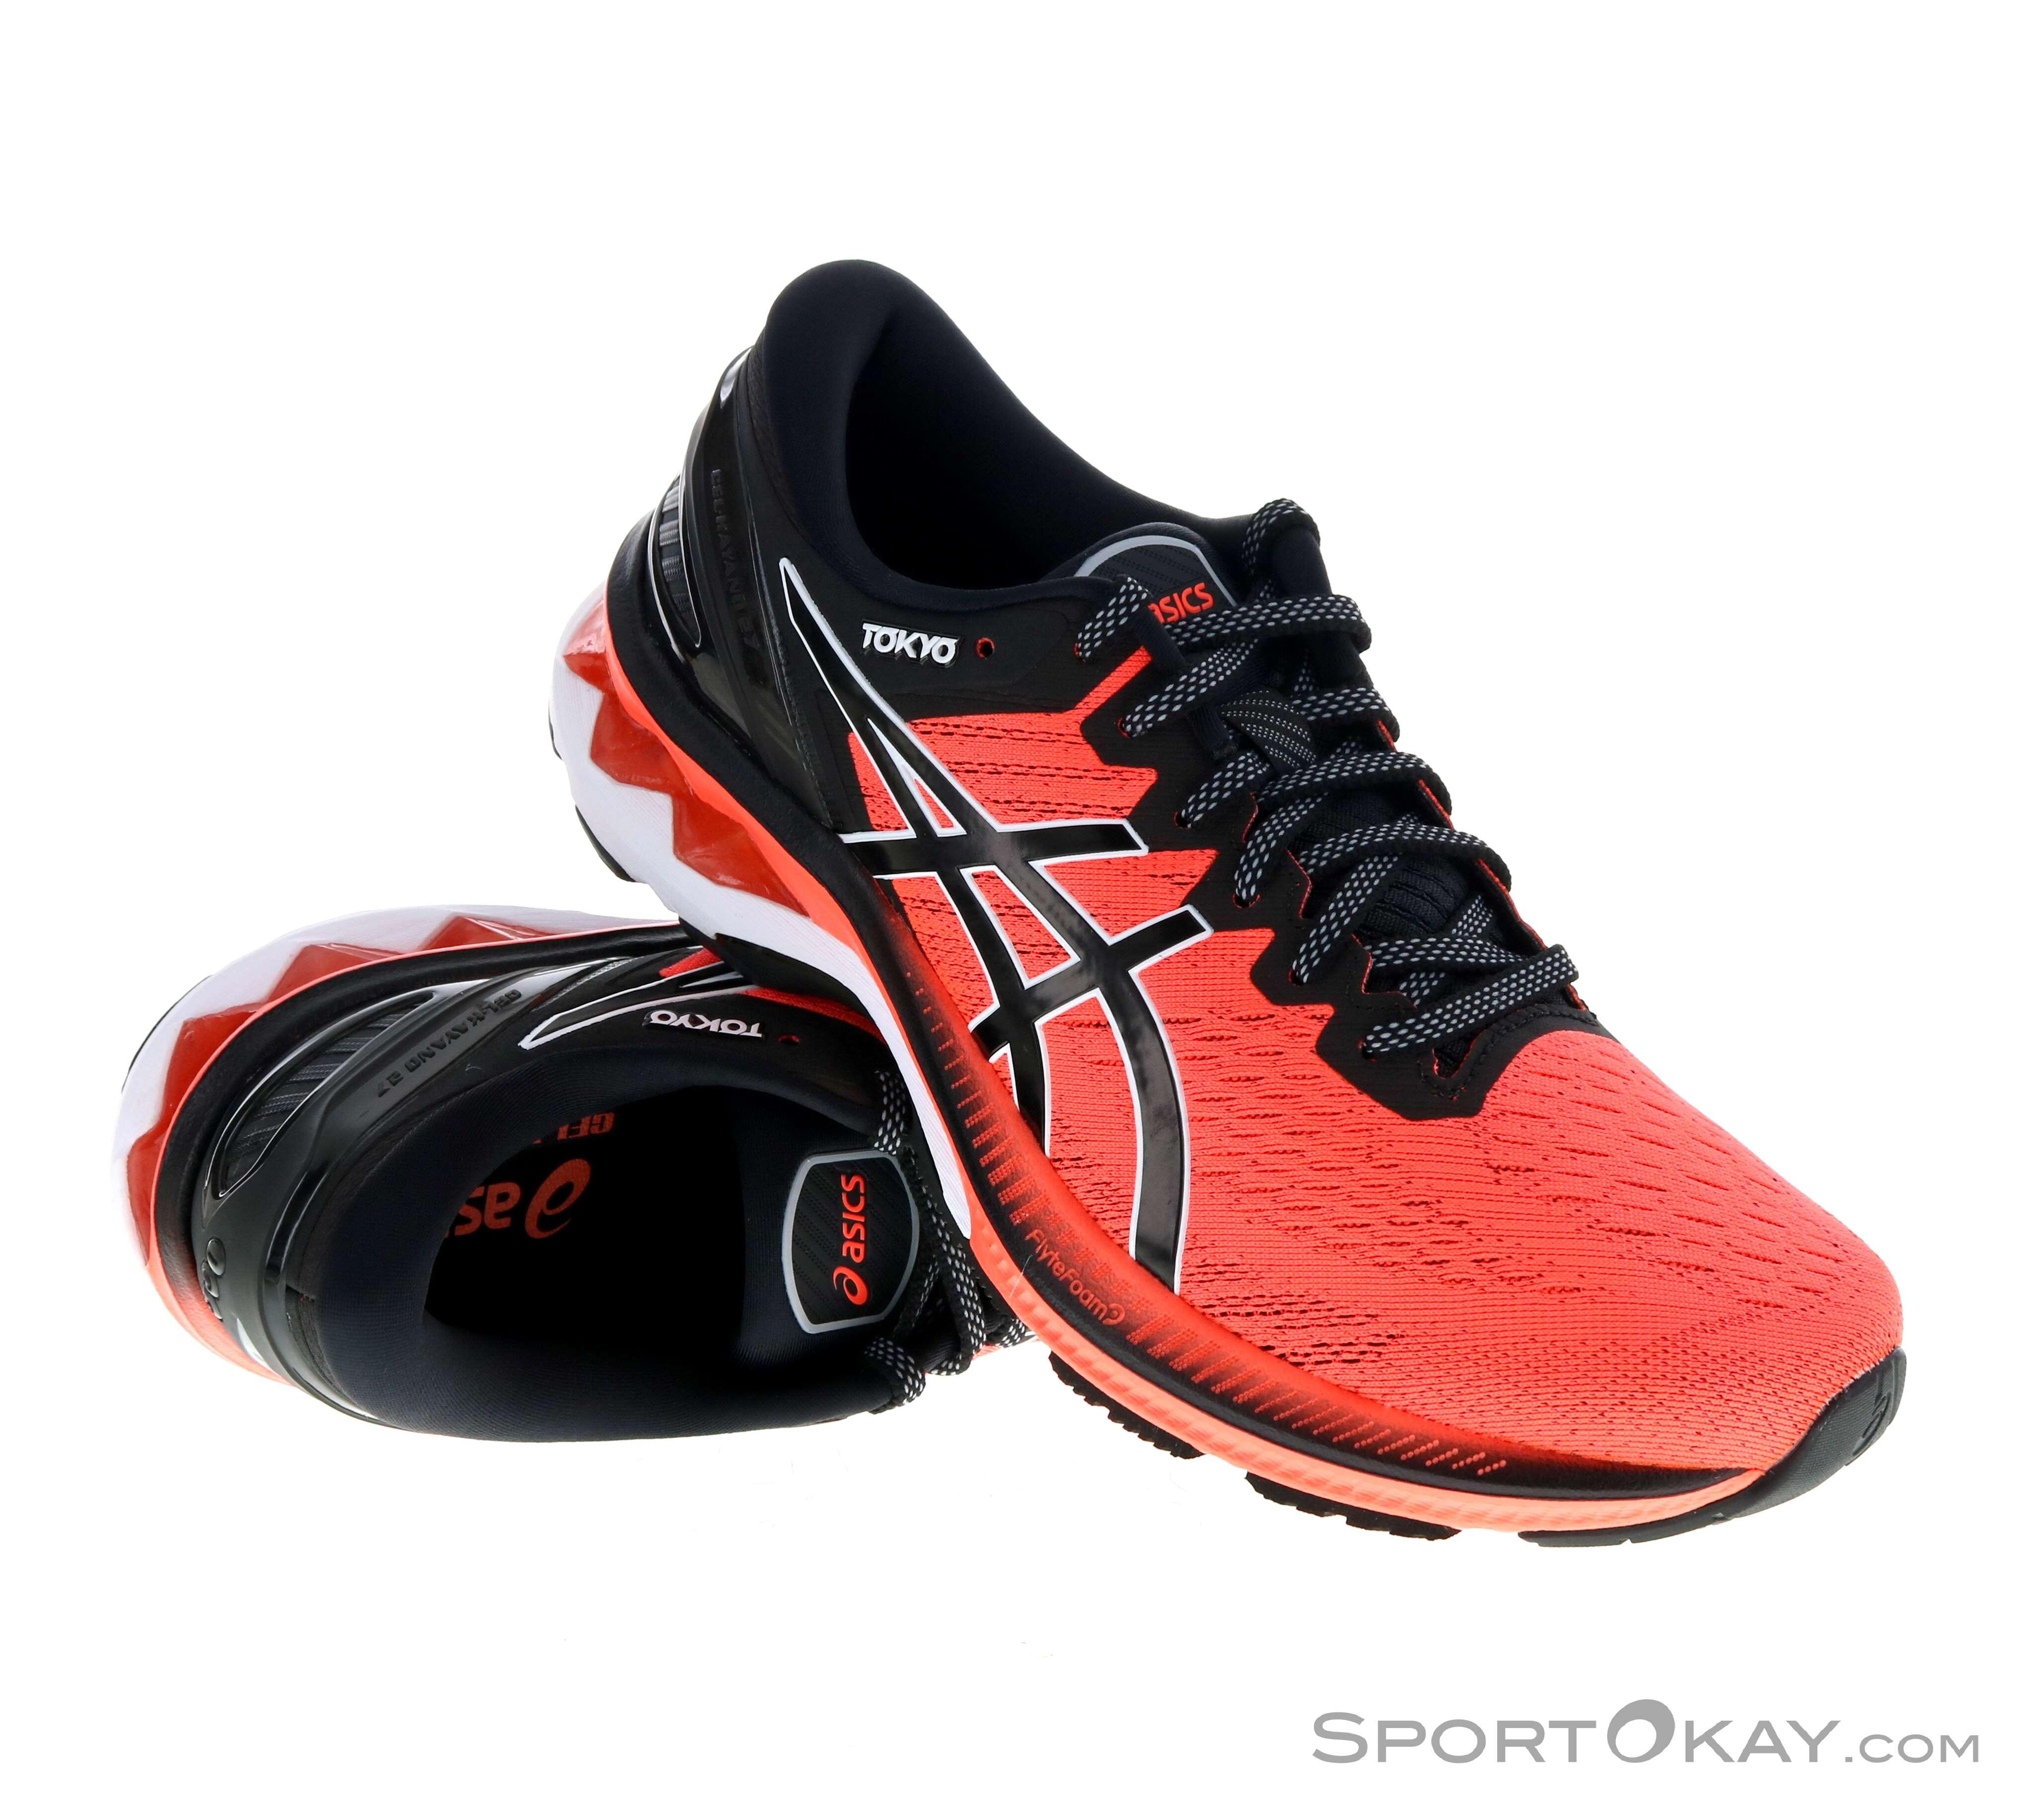 Asics Asics Gel-Kayano 27 Mens Running Shoes